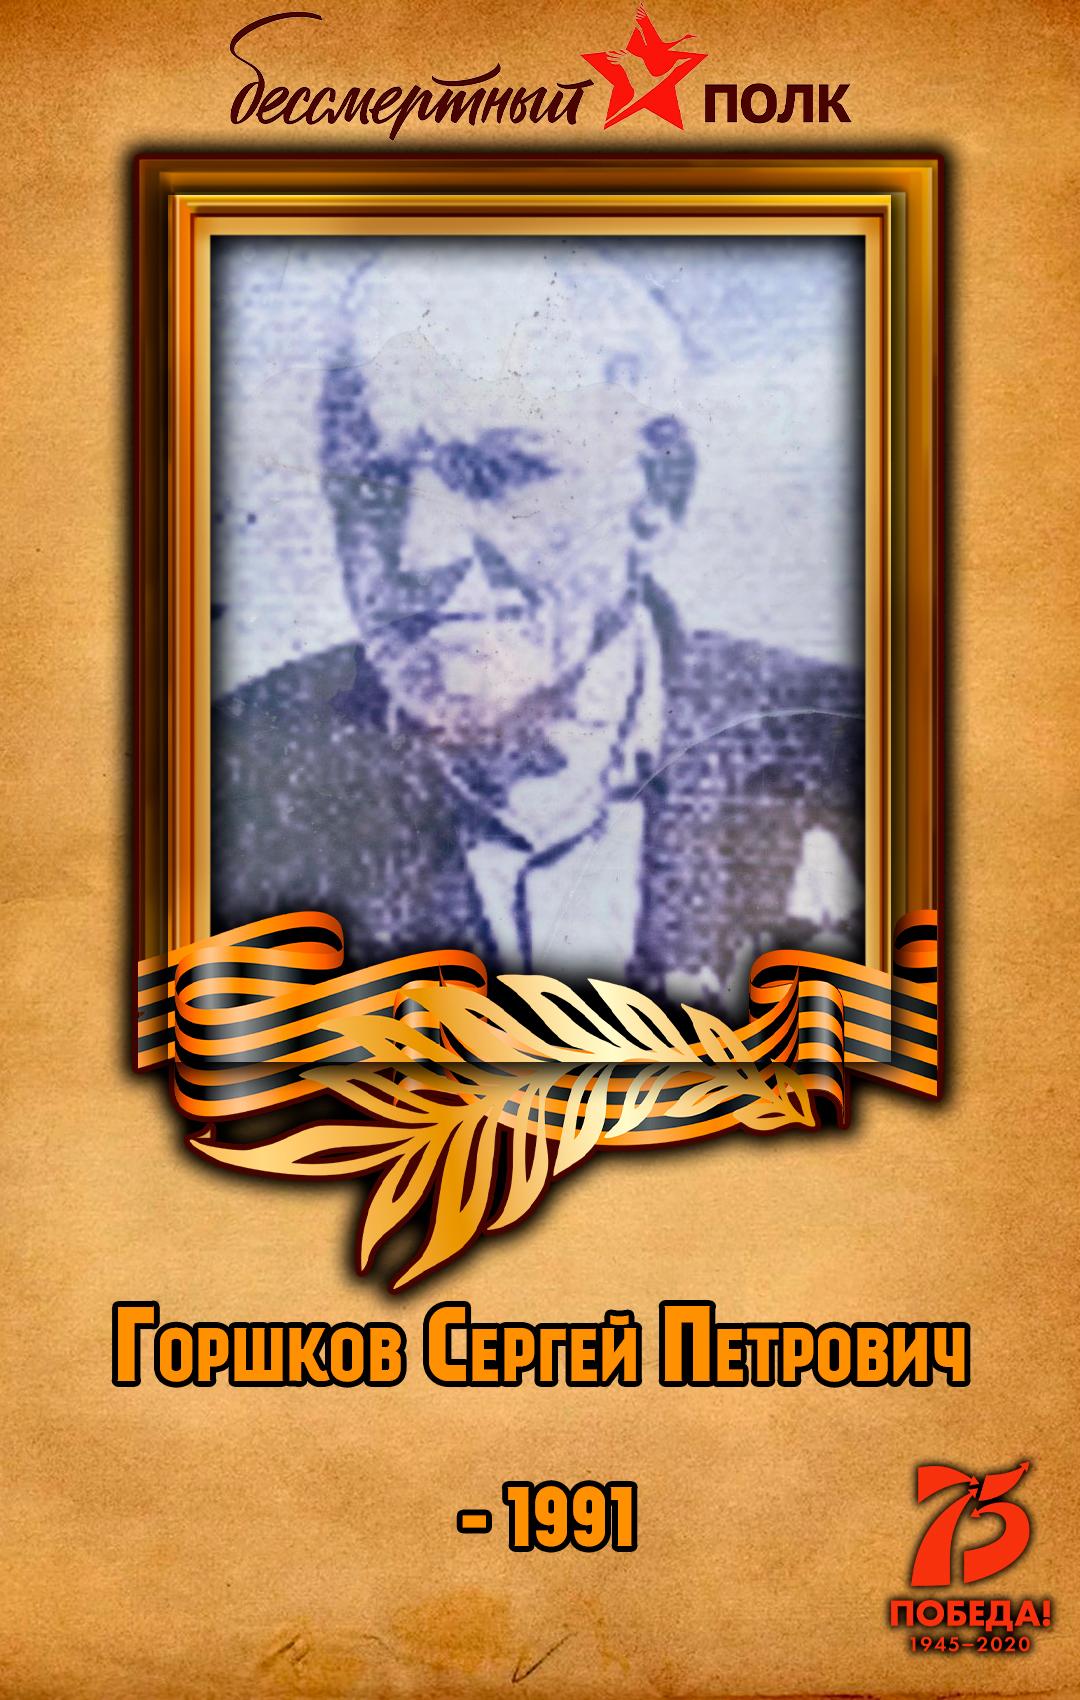 Горшков-Сергей-Петрович